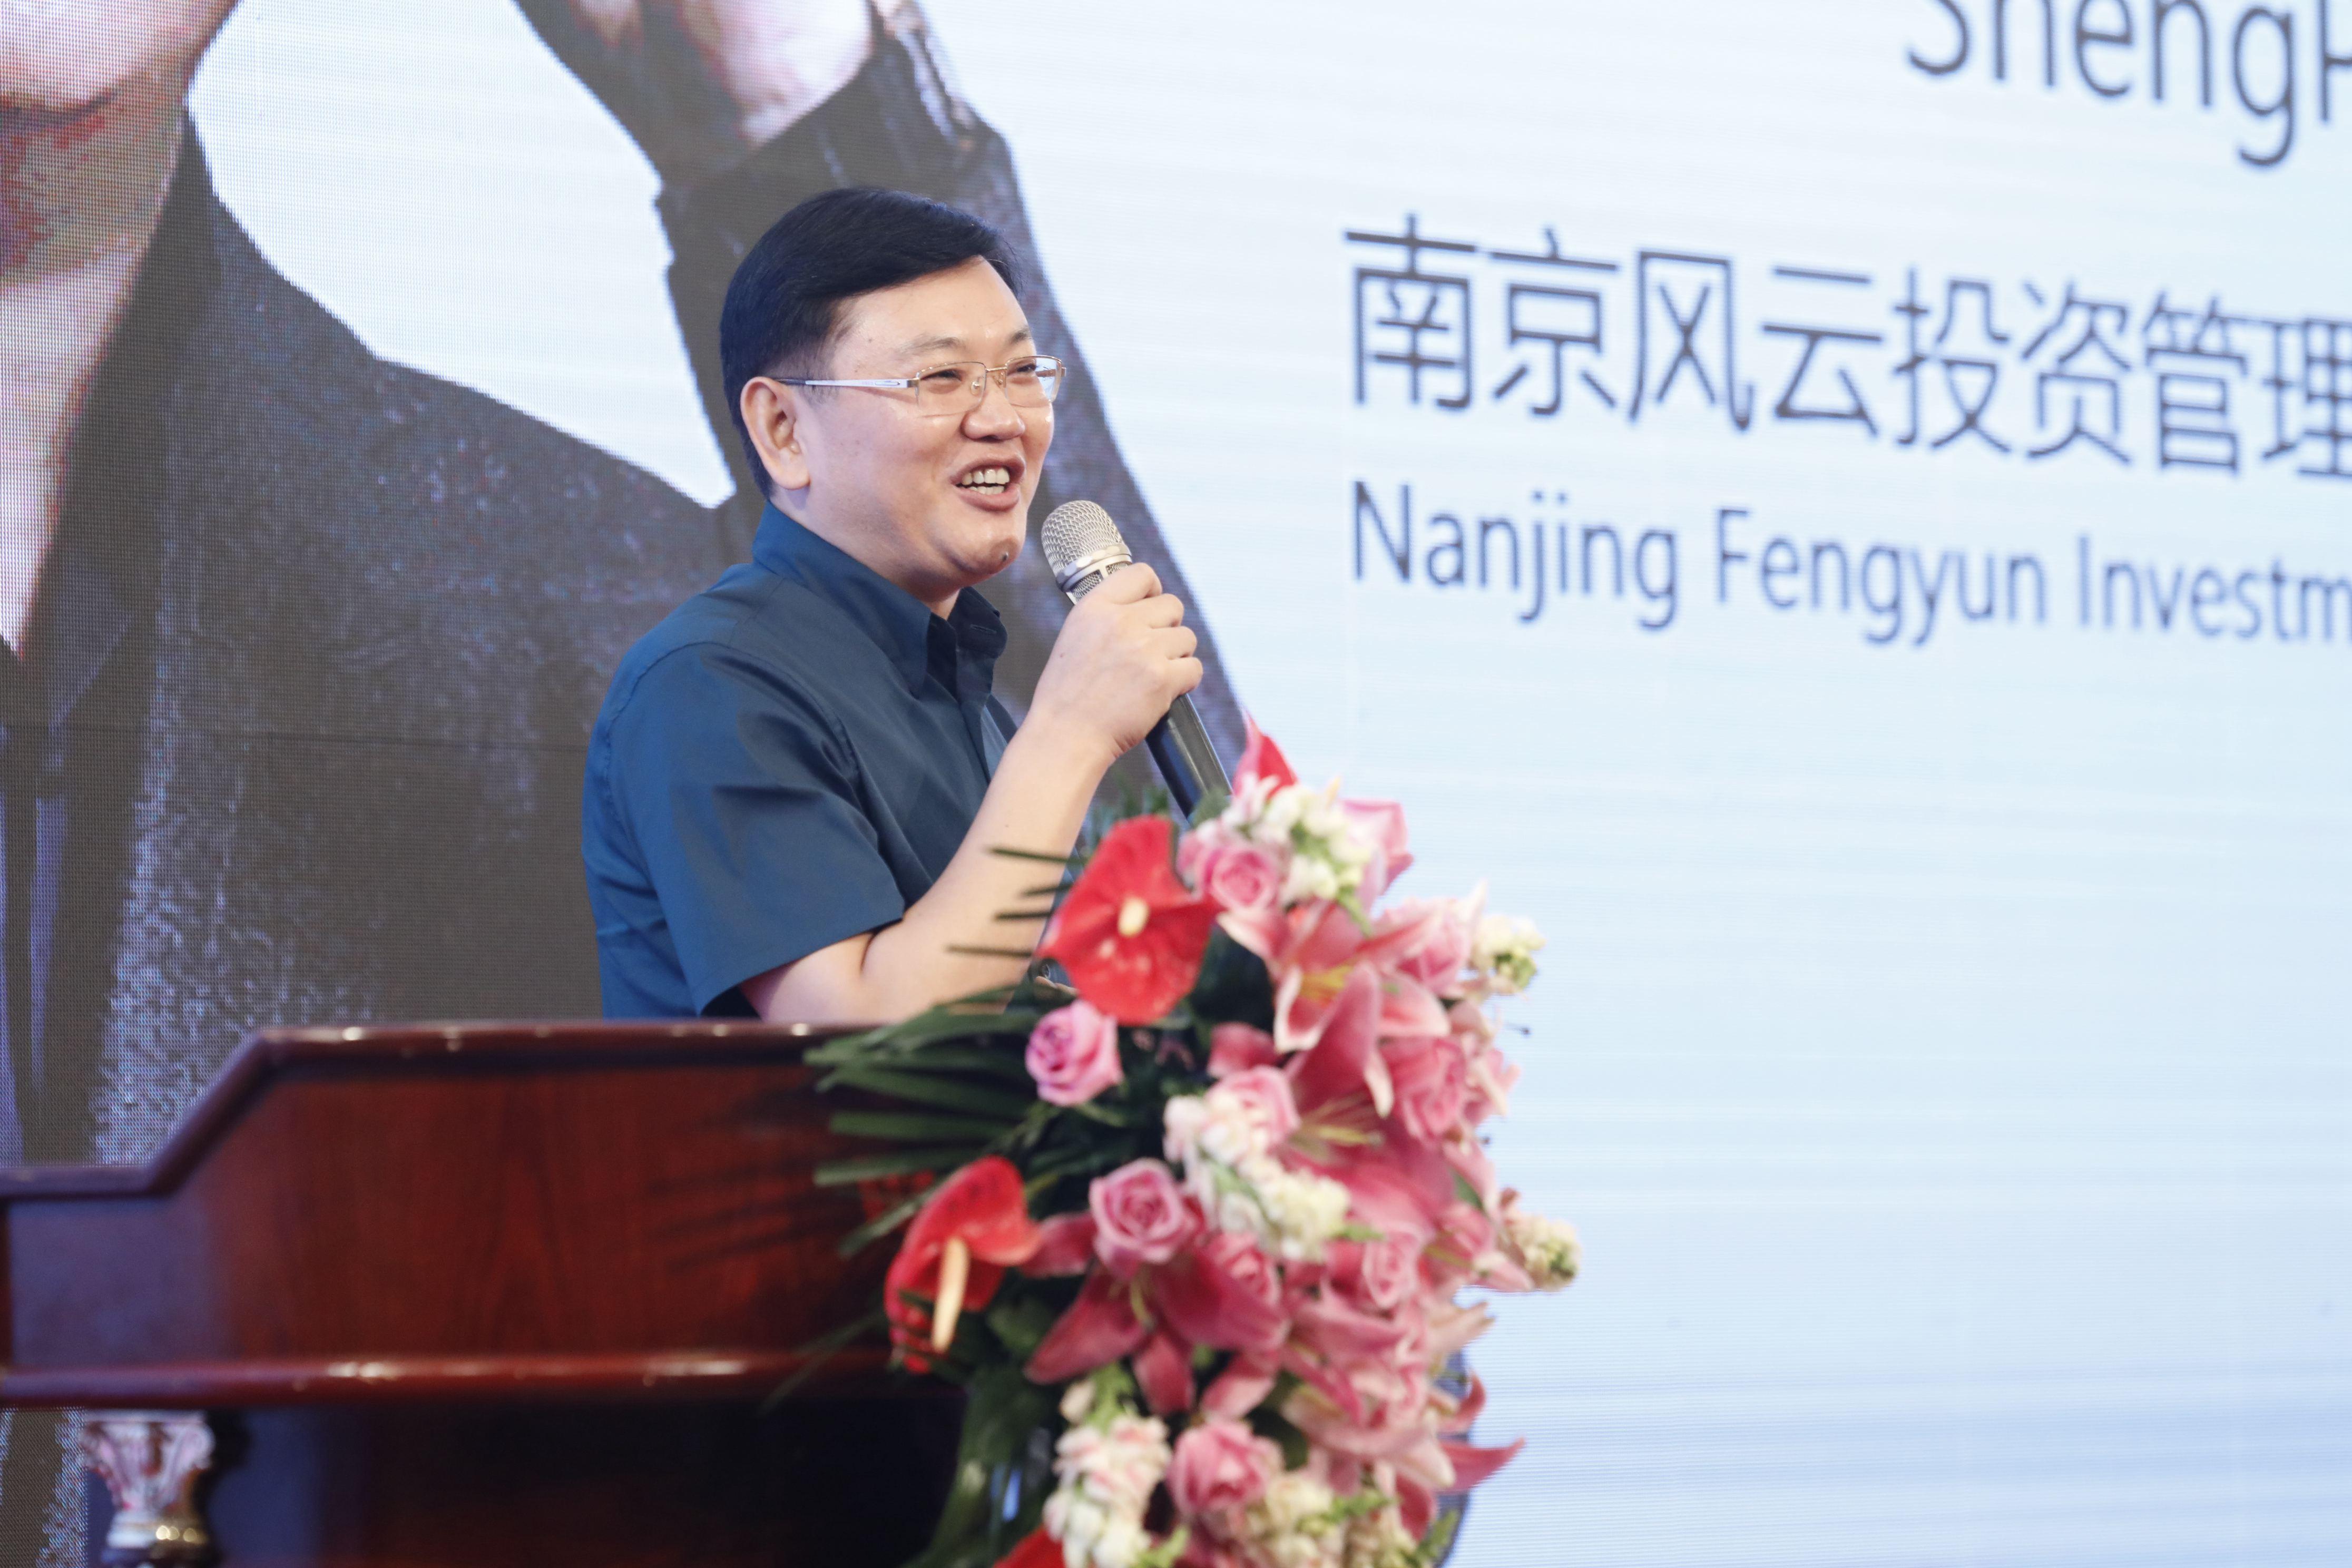 风云投资管理有限公司董事长胡声平先生上台发言